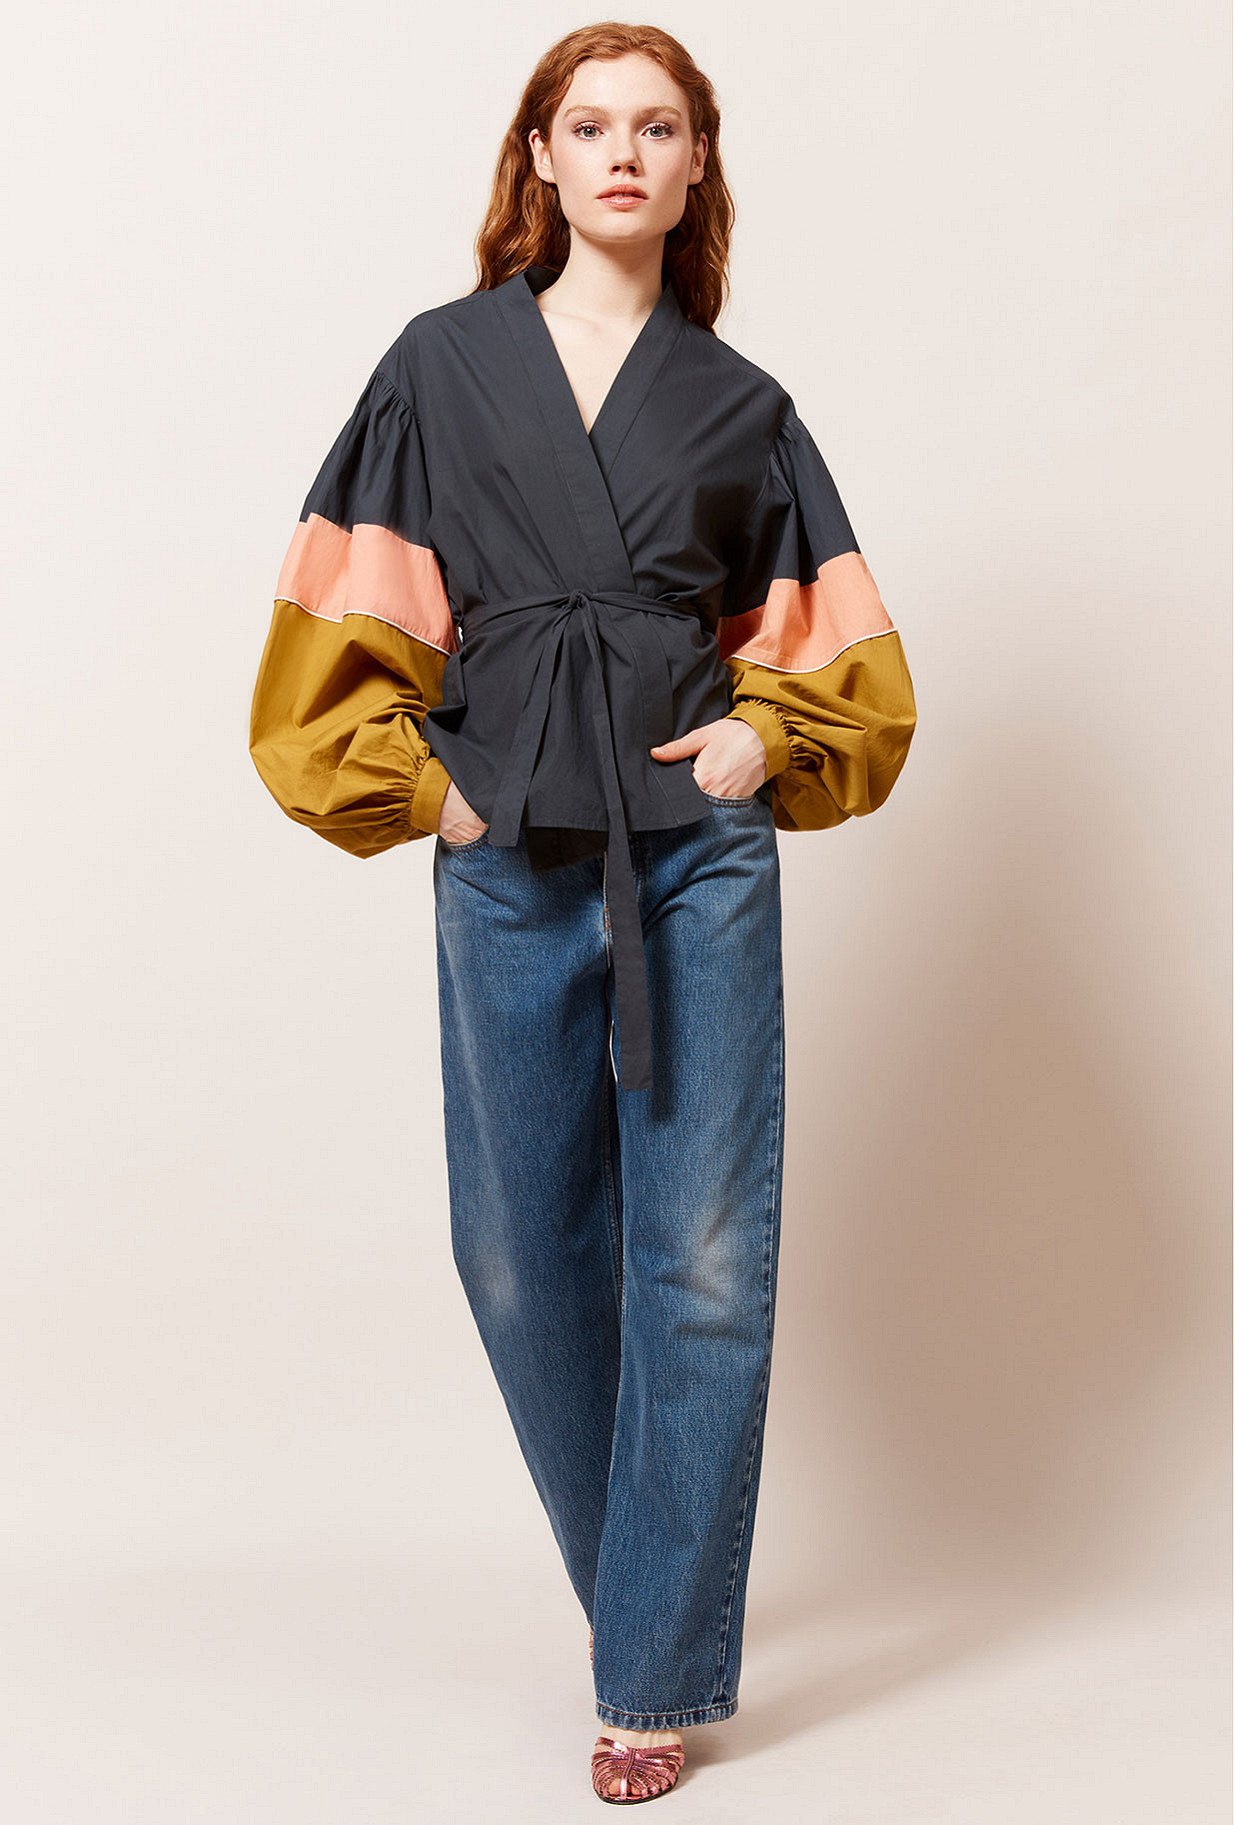 Paris boutique de mode vêtement Kimono créateur bohème Protis